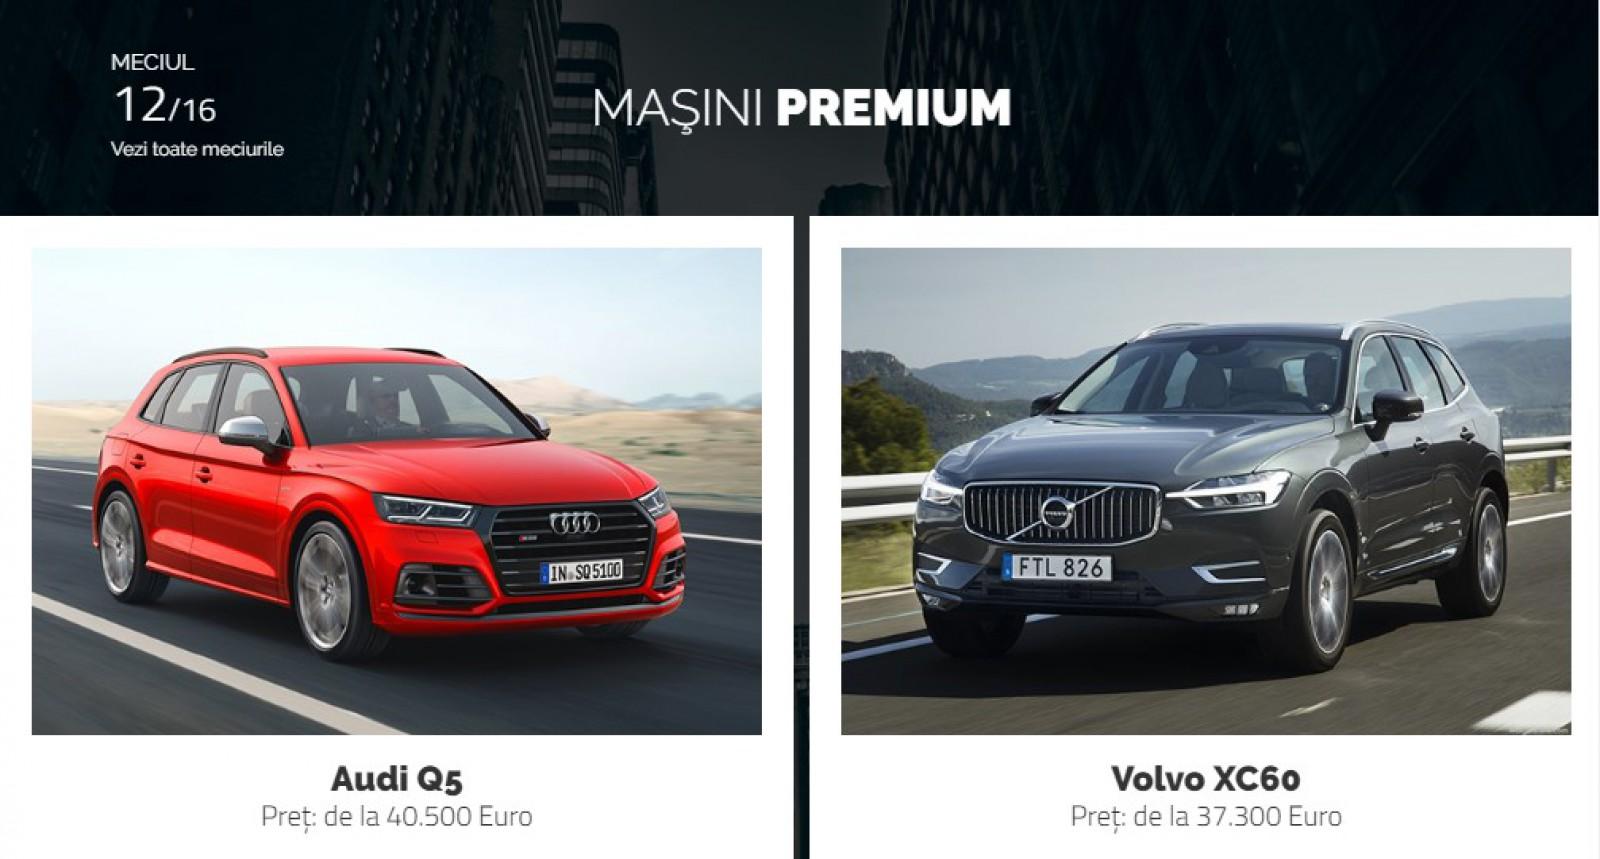 AUTOVOT MOLDOVA 2018! Duelul din runda II: Audi Q5 vs Volvo XC60!